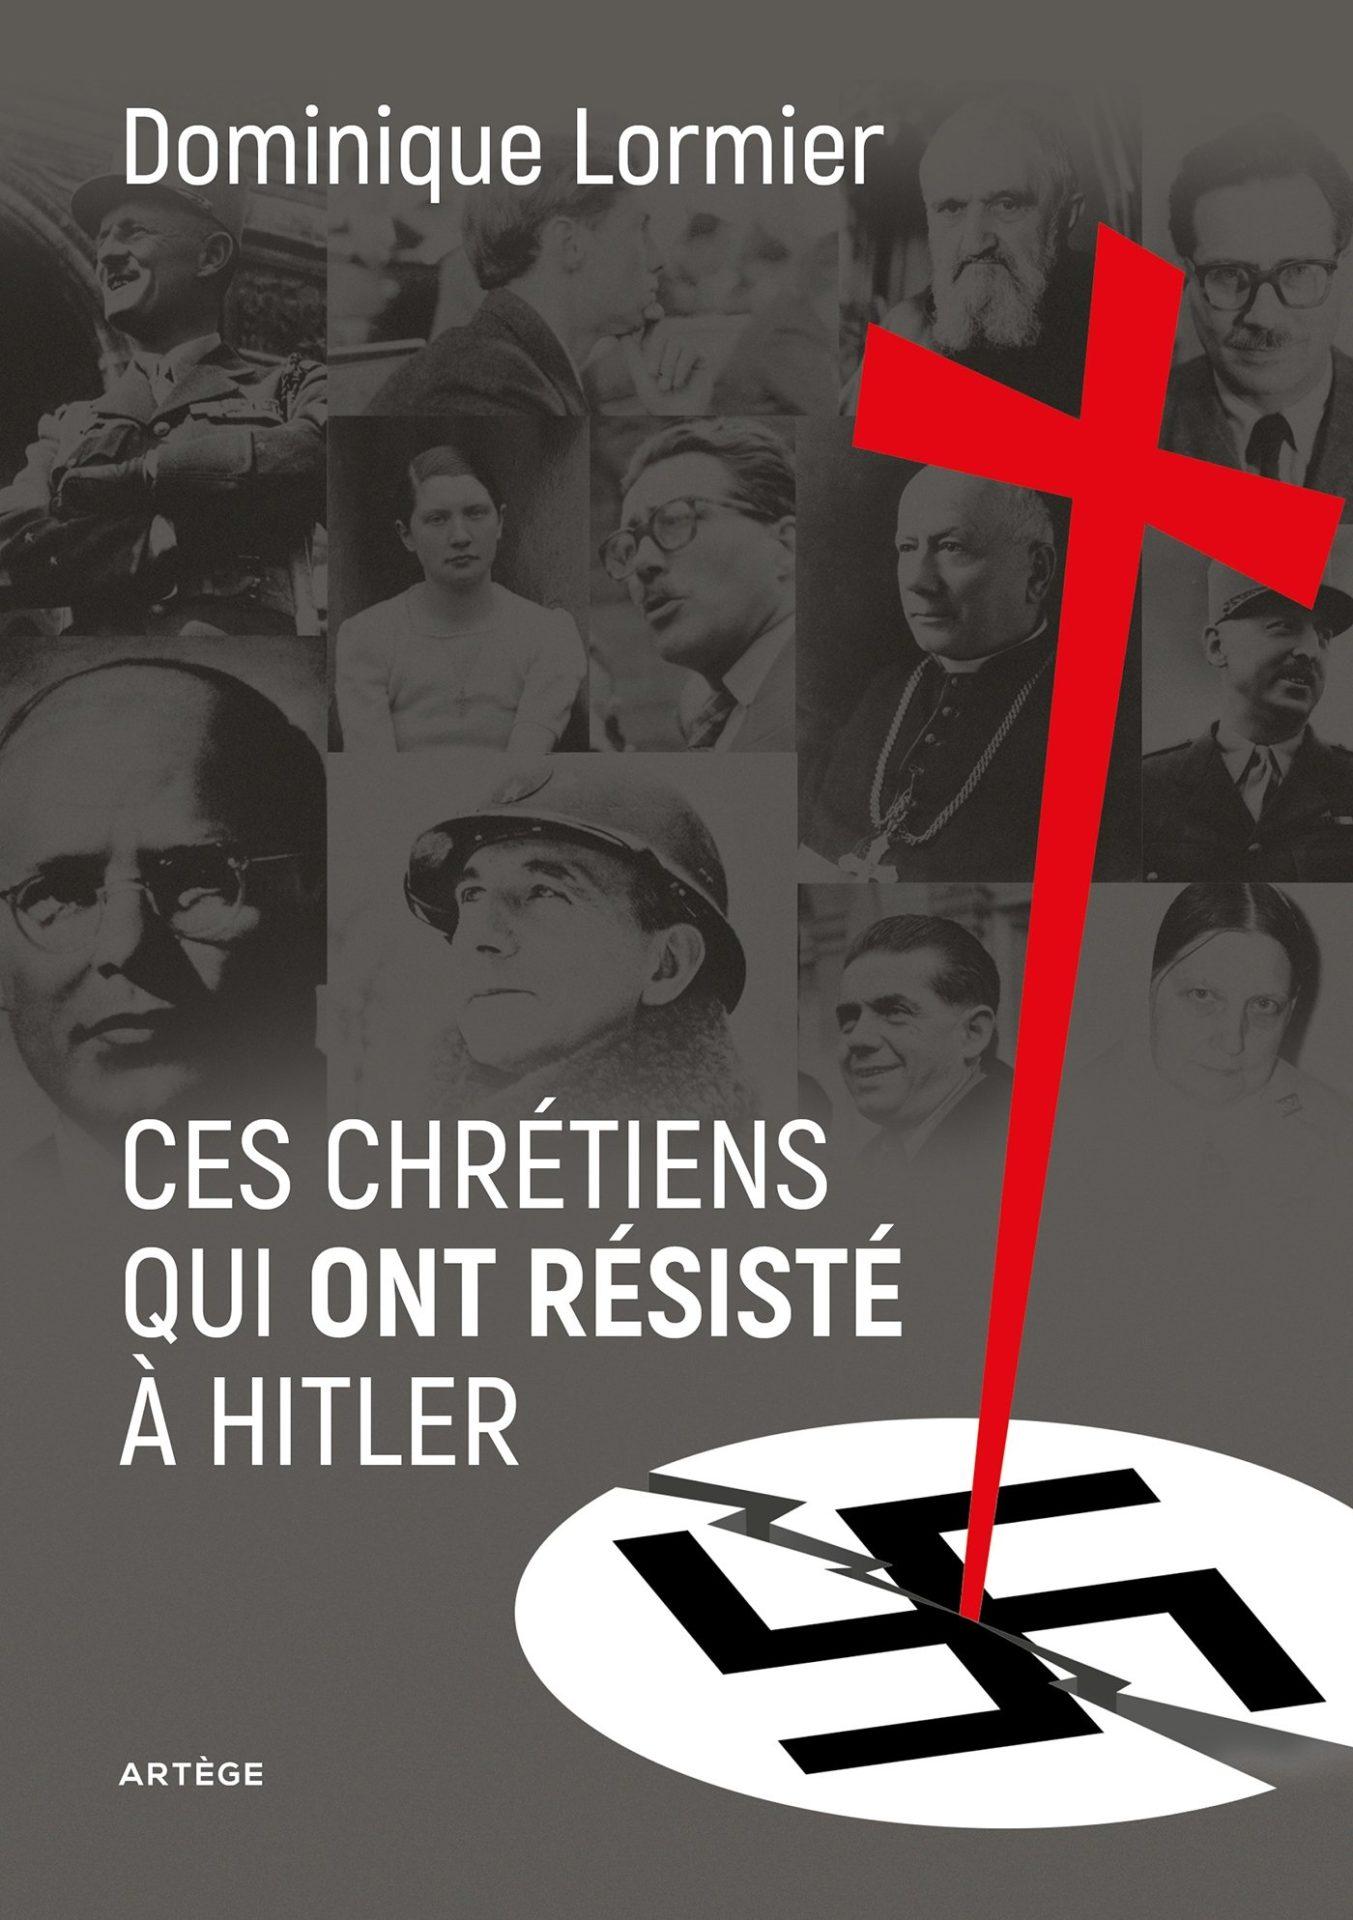 Ces chrétiens qui ont résisté à Hitler, Dominique Lormier (Artège).